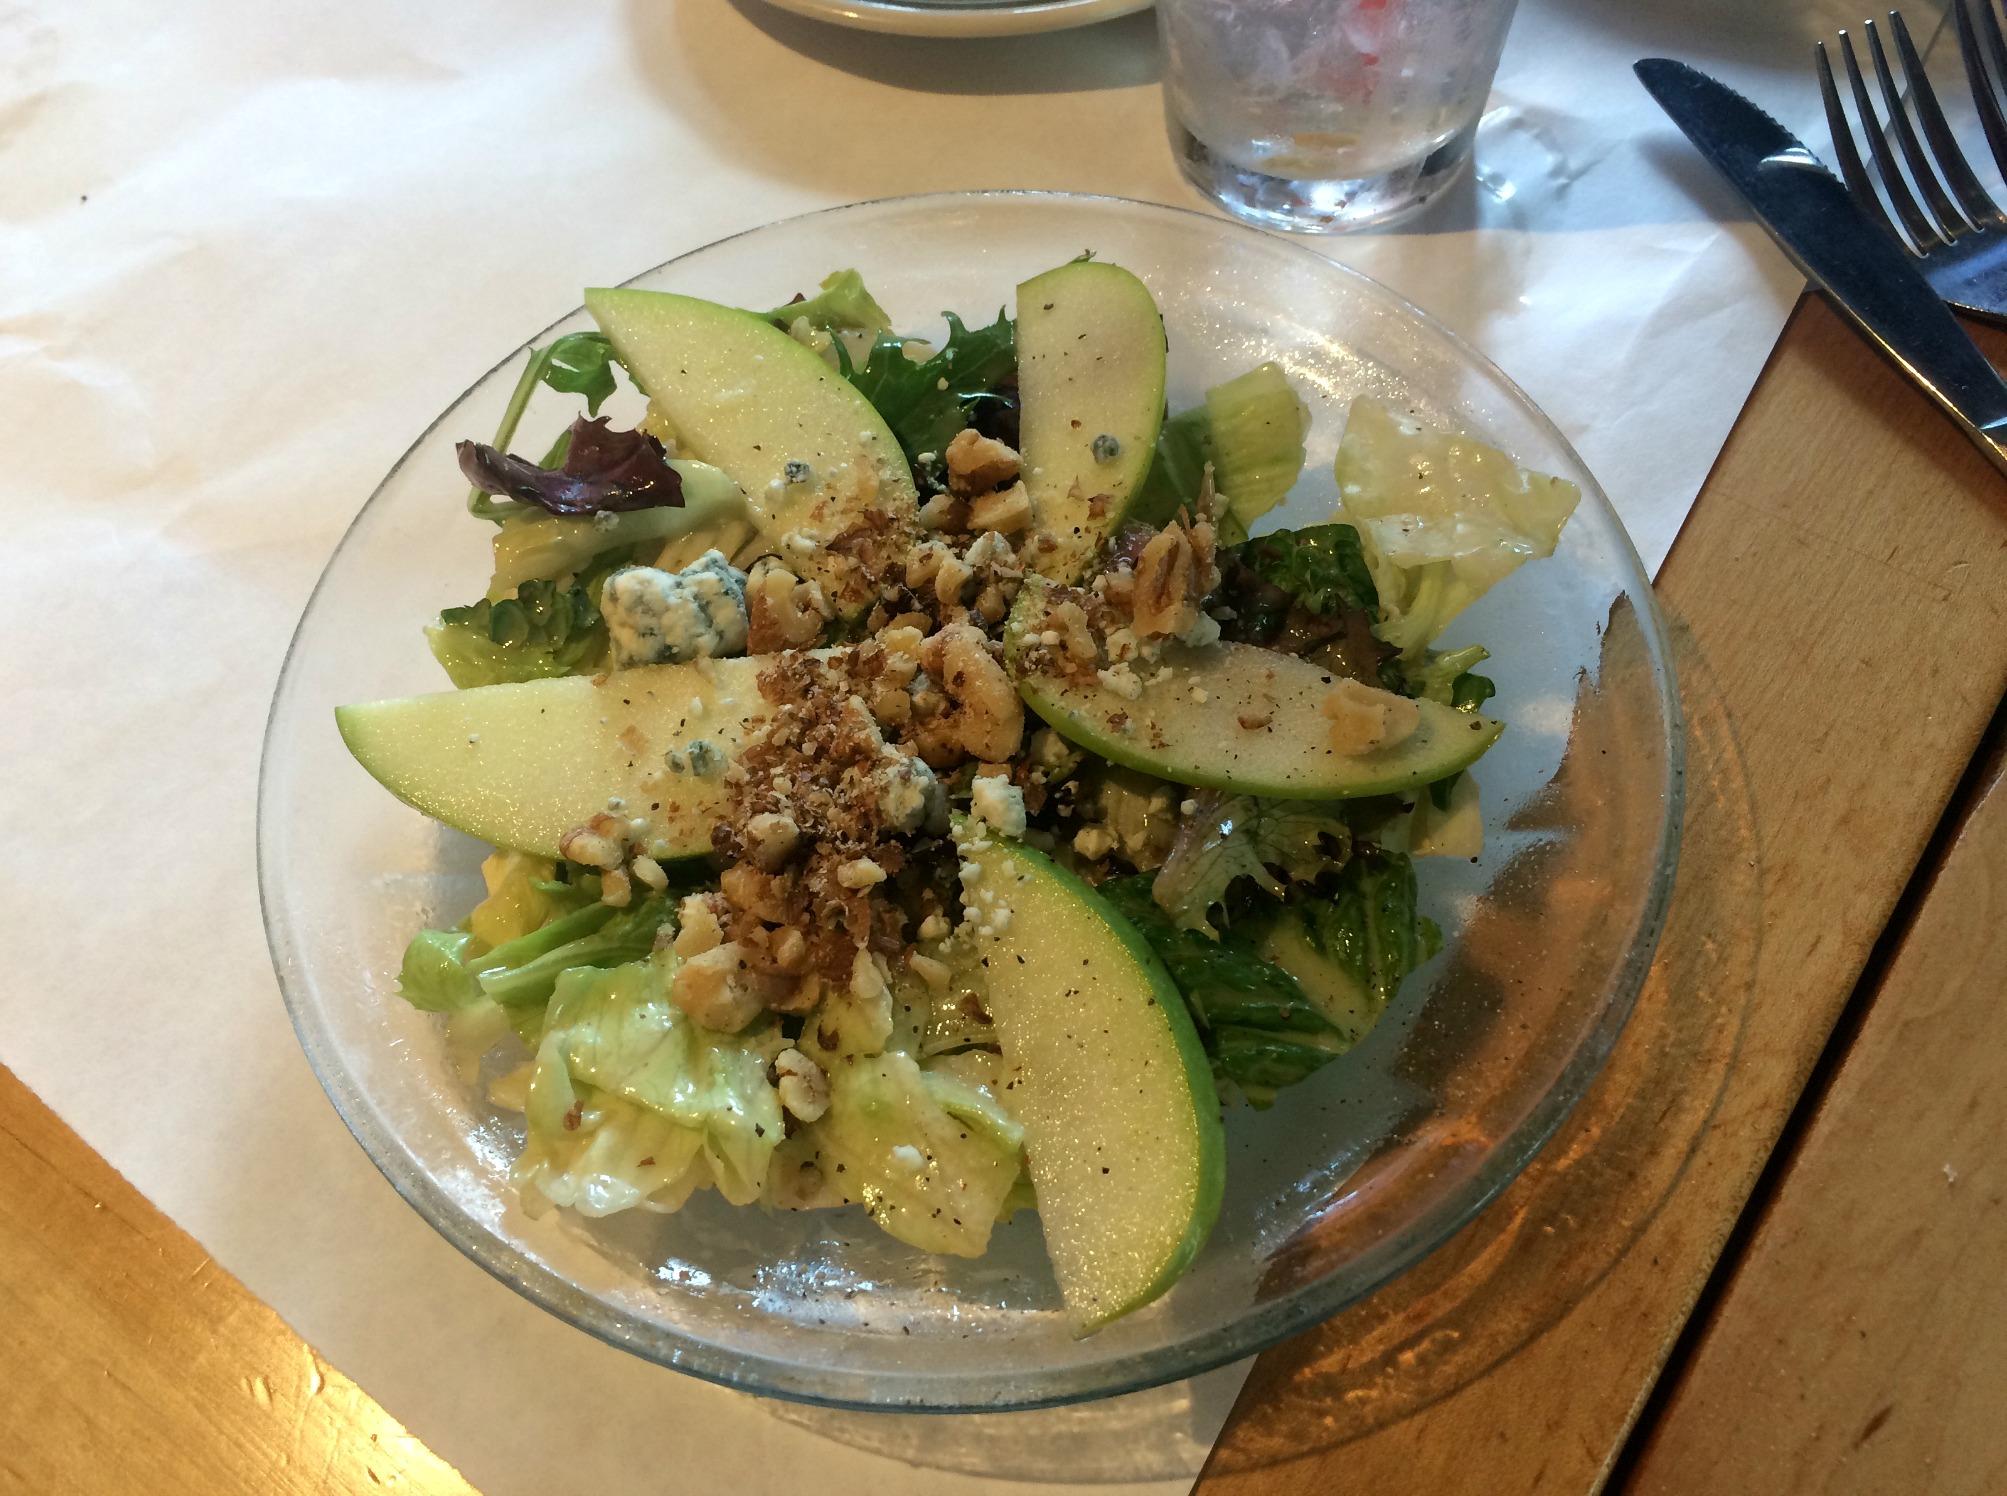 kruse & muer house salad